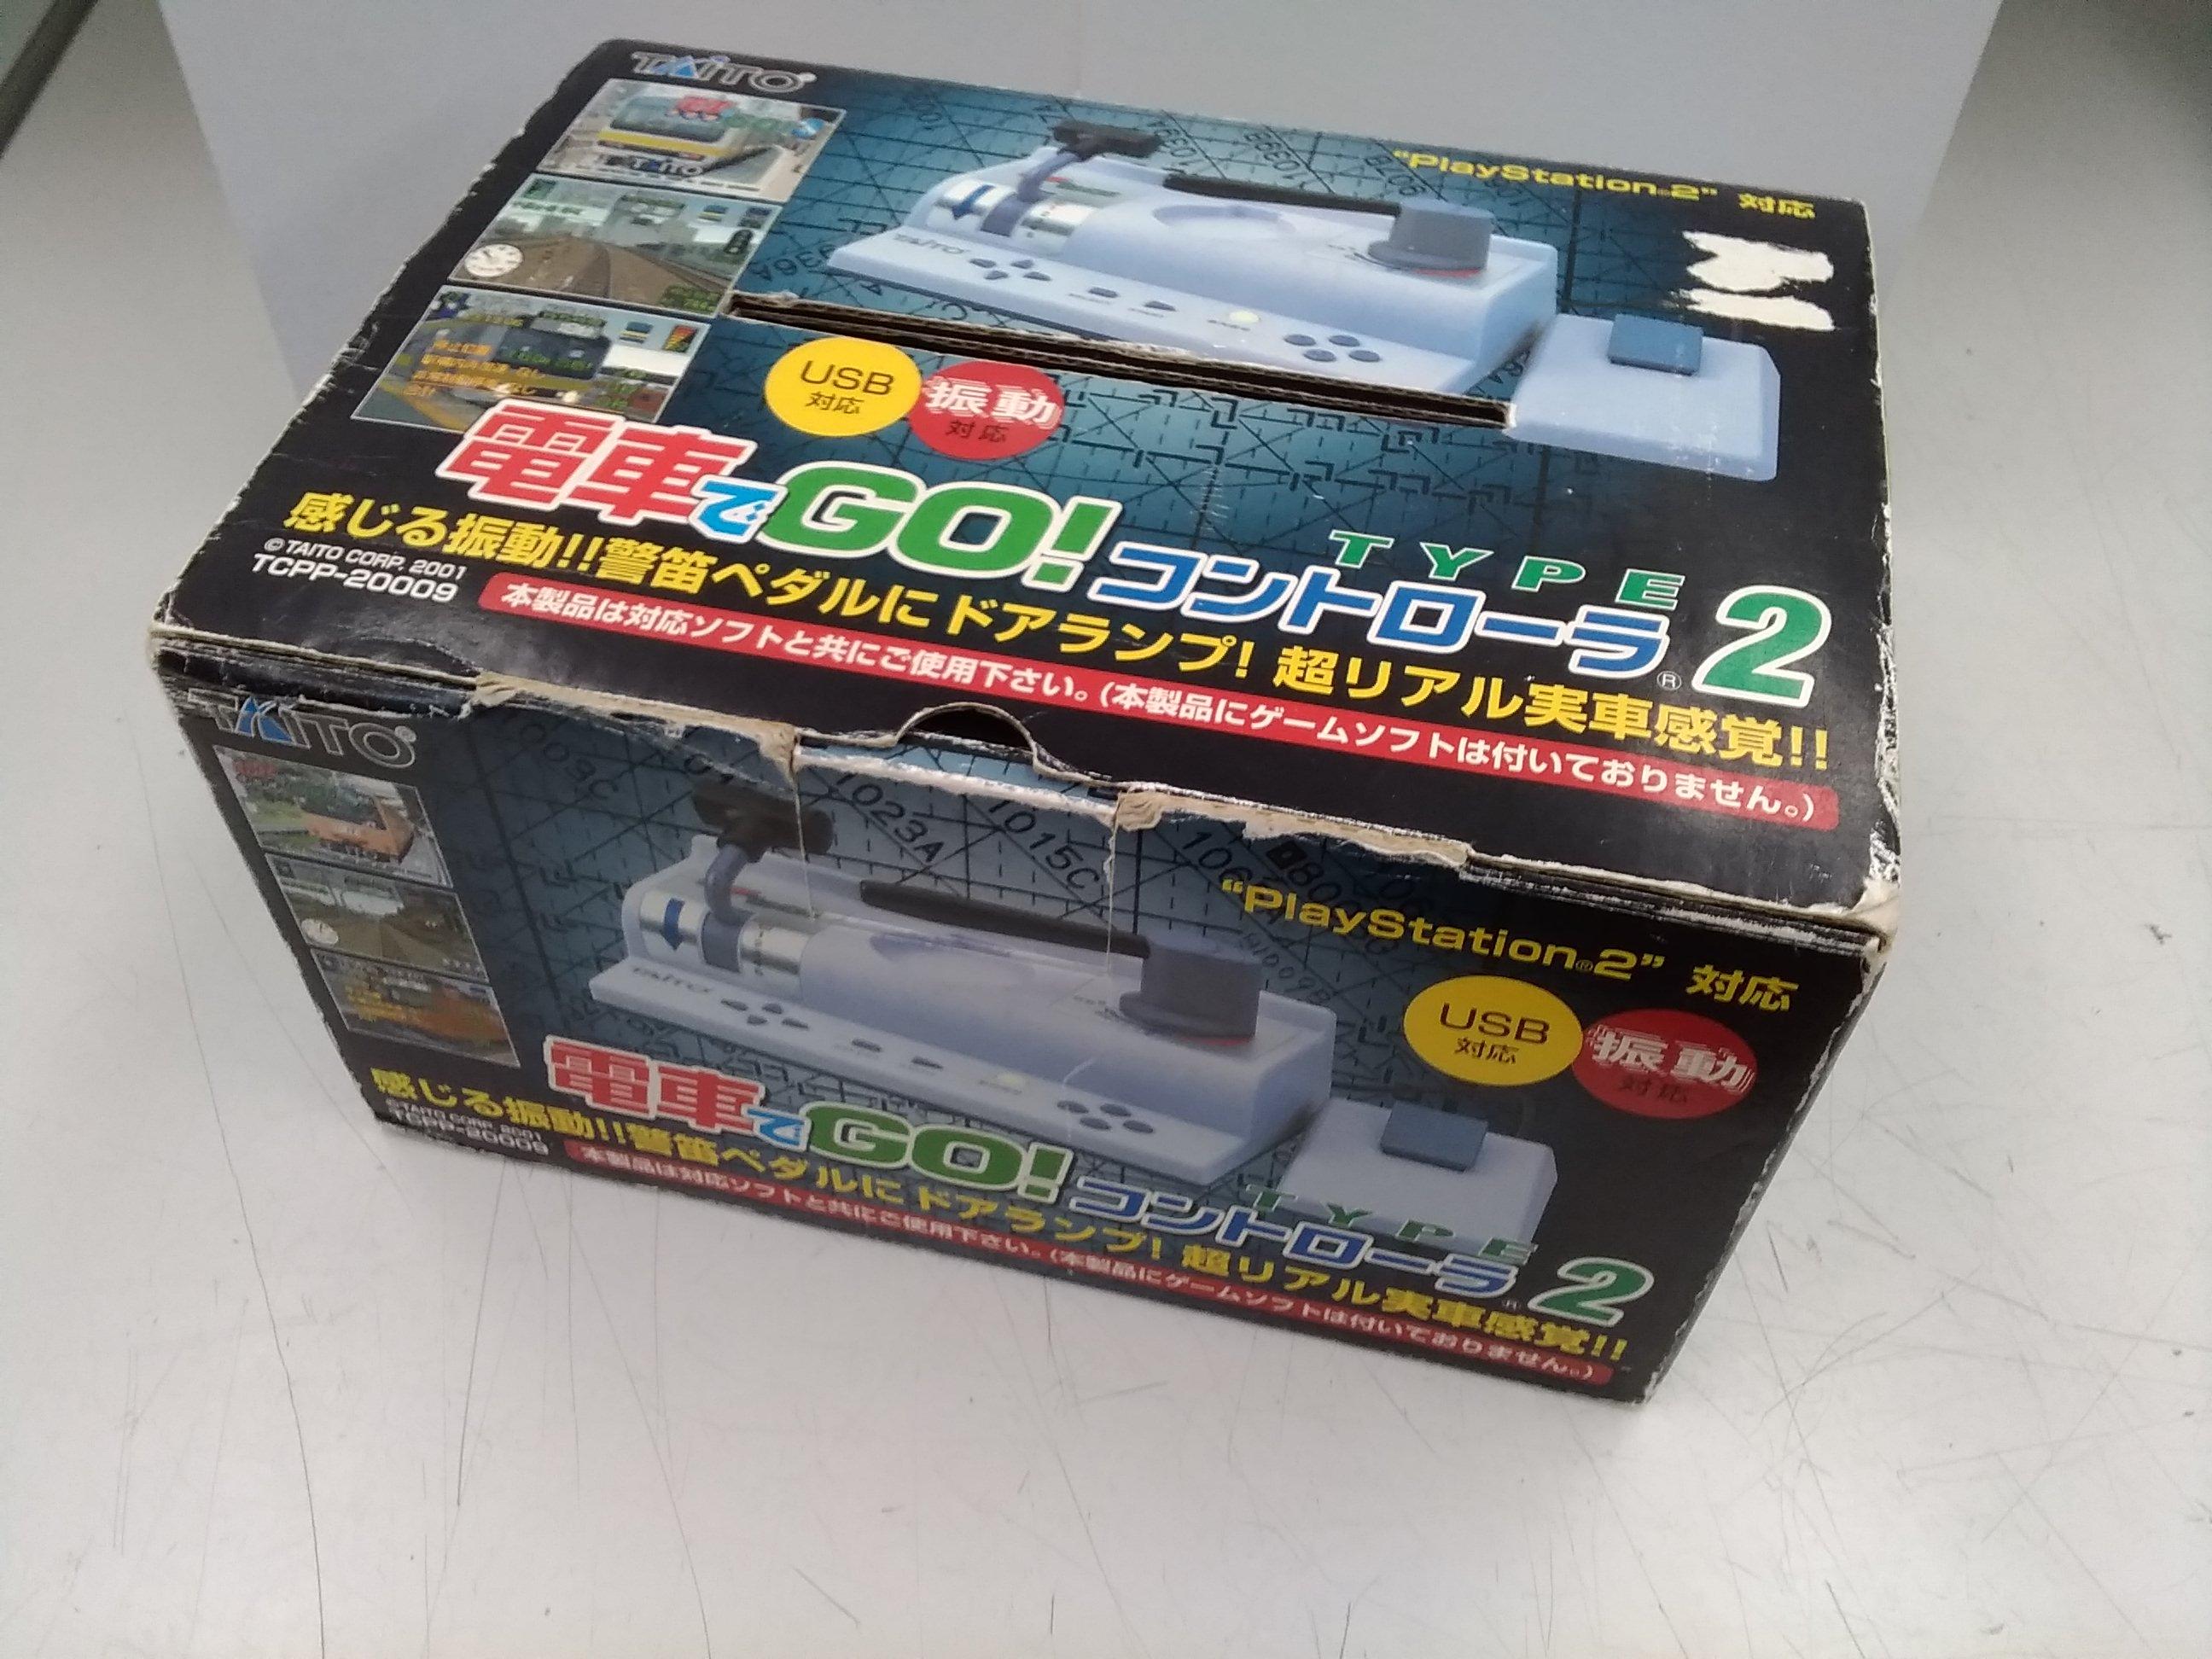 PS2対応 電車でGO コントローラ|TAITO